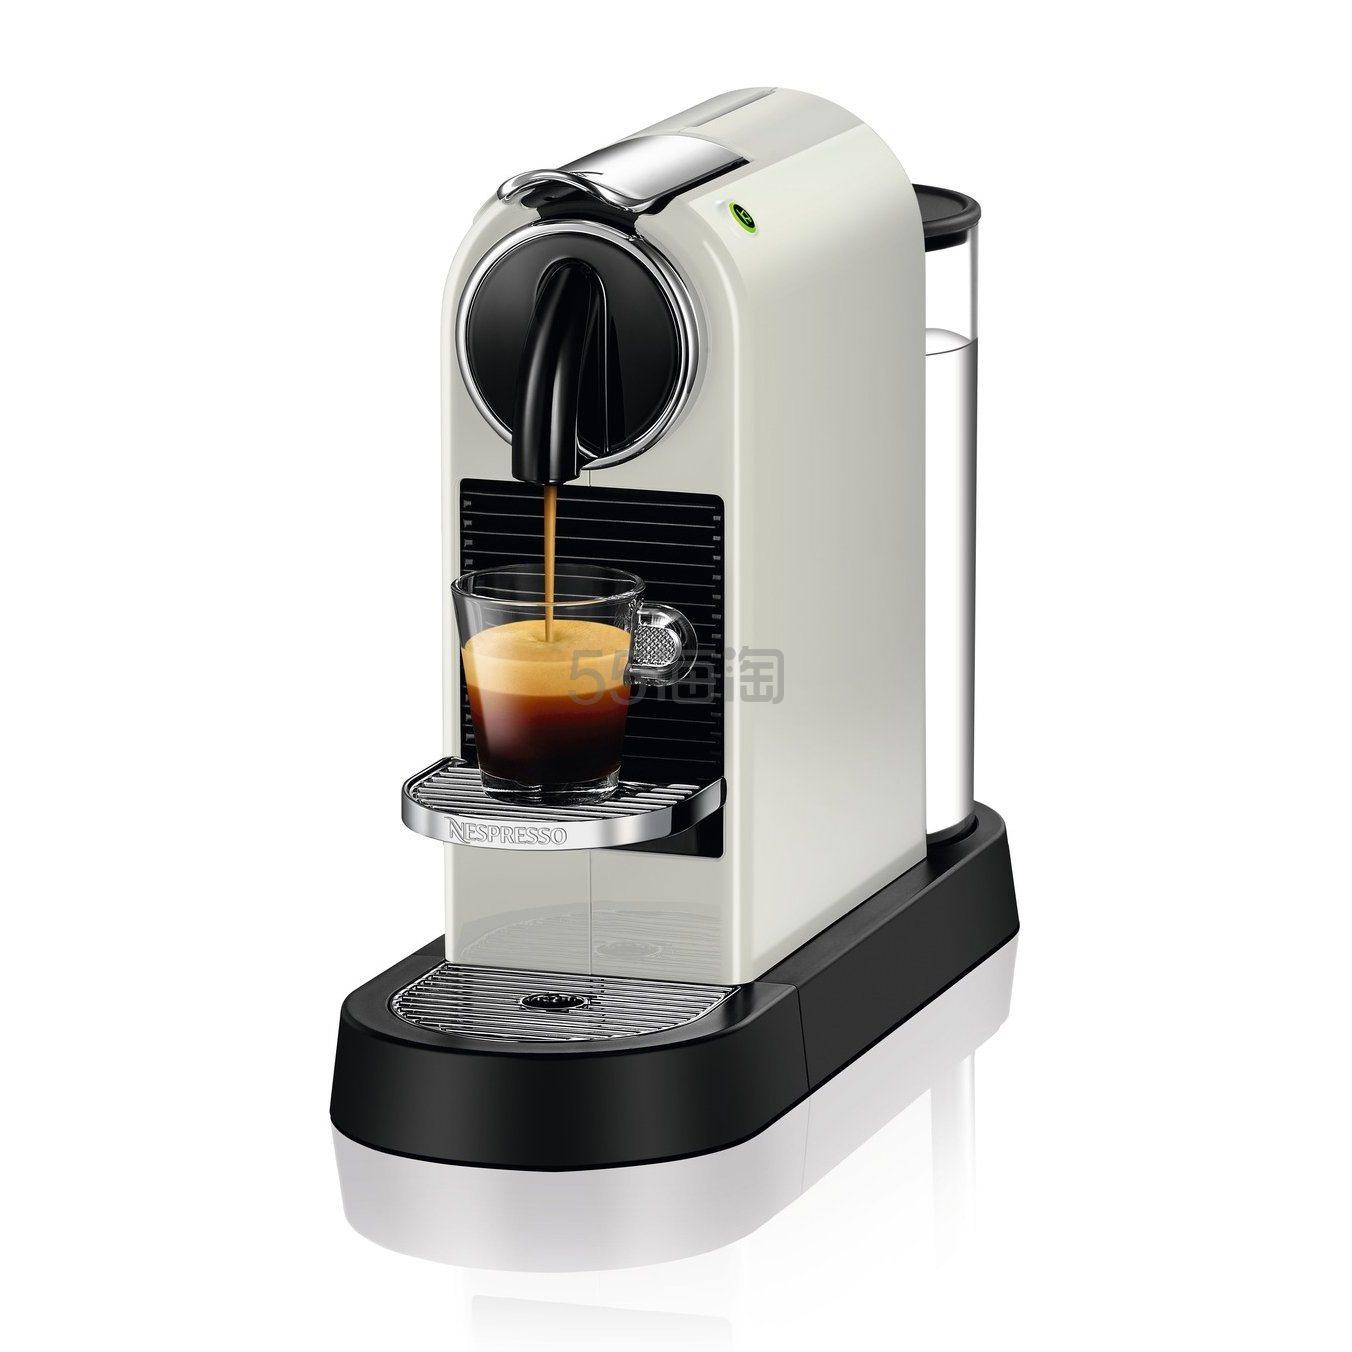 【中亚Prime会员】DeLonghi 德龙 Nespresso Citiz EN167.B 胶囊咖啡机 到手价956元 - 海淘优惠海淘折扣|55海淘网